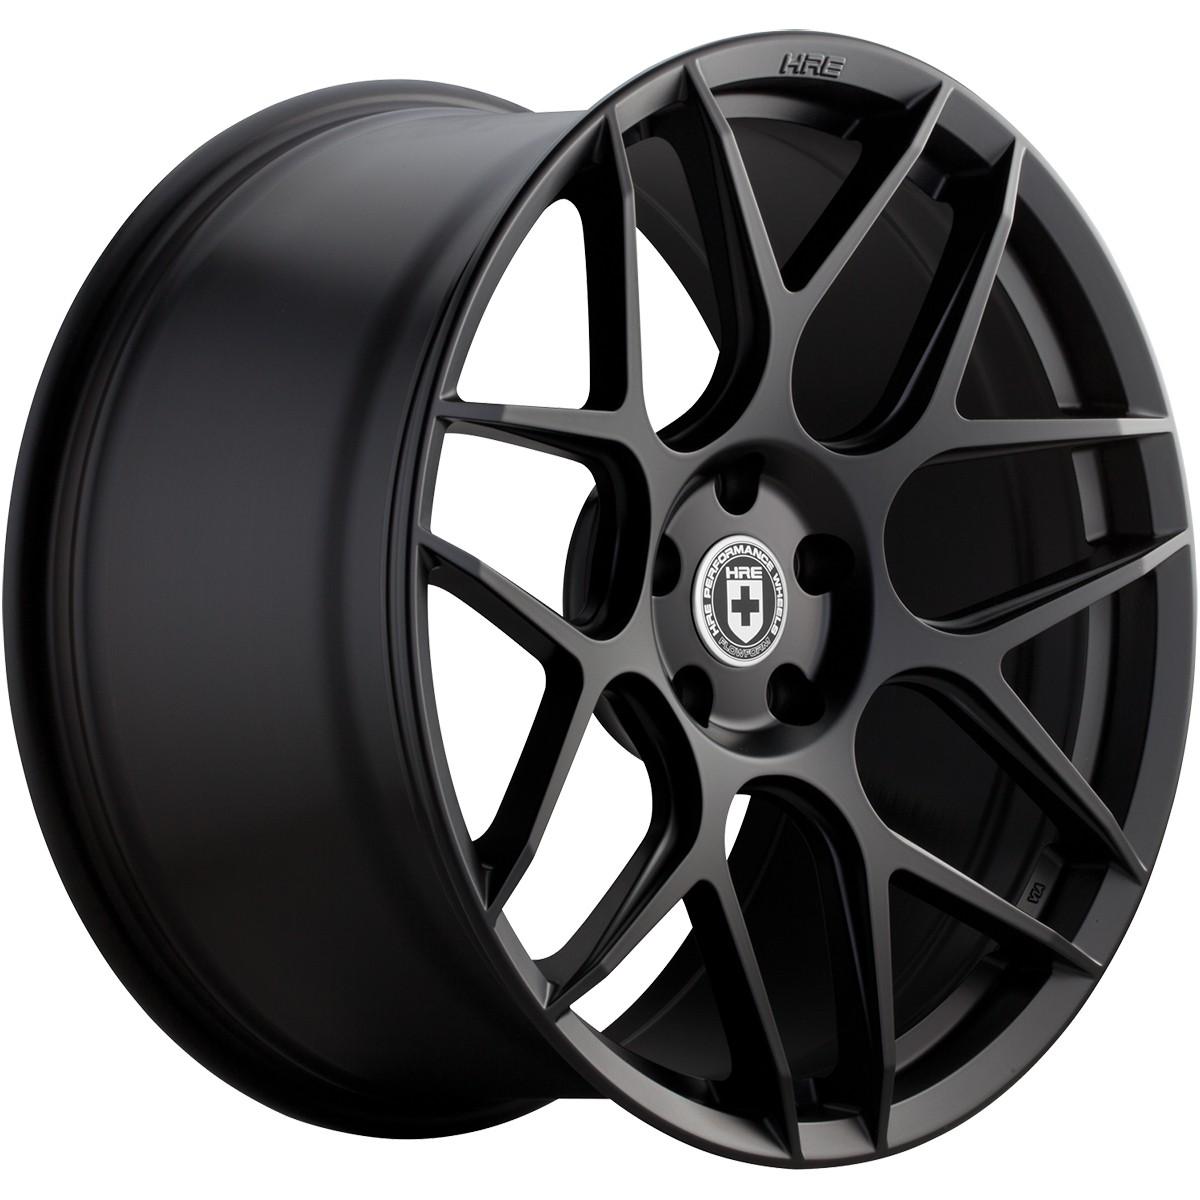 HRE FlowForm FF01 Wheels for 8V Audi A3/S3 - HRE-FF01-AUDI-8V - 034Motorsport